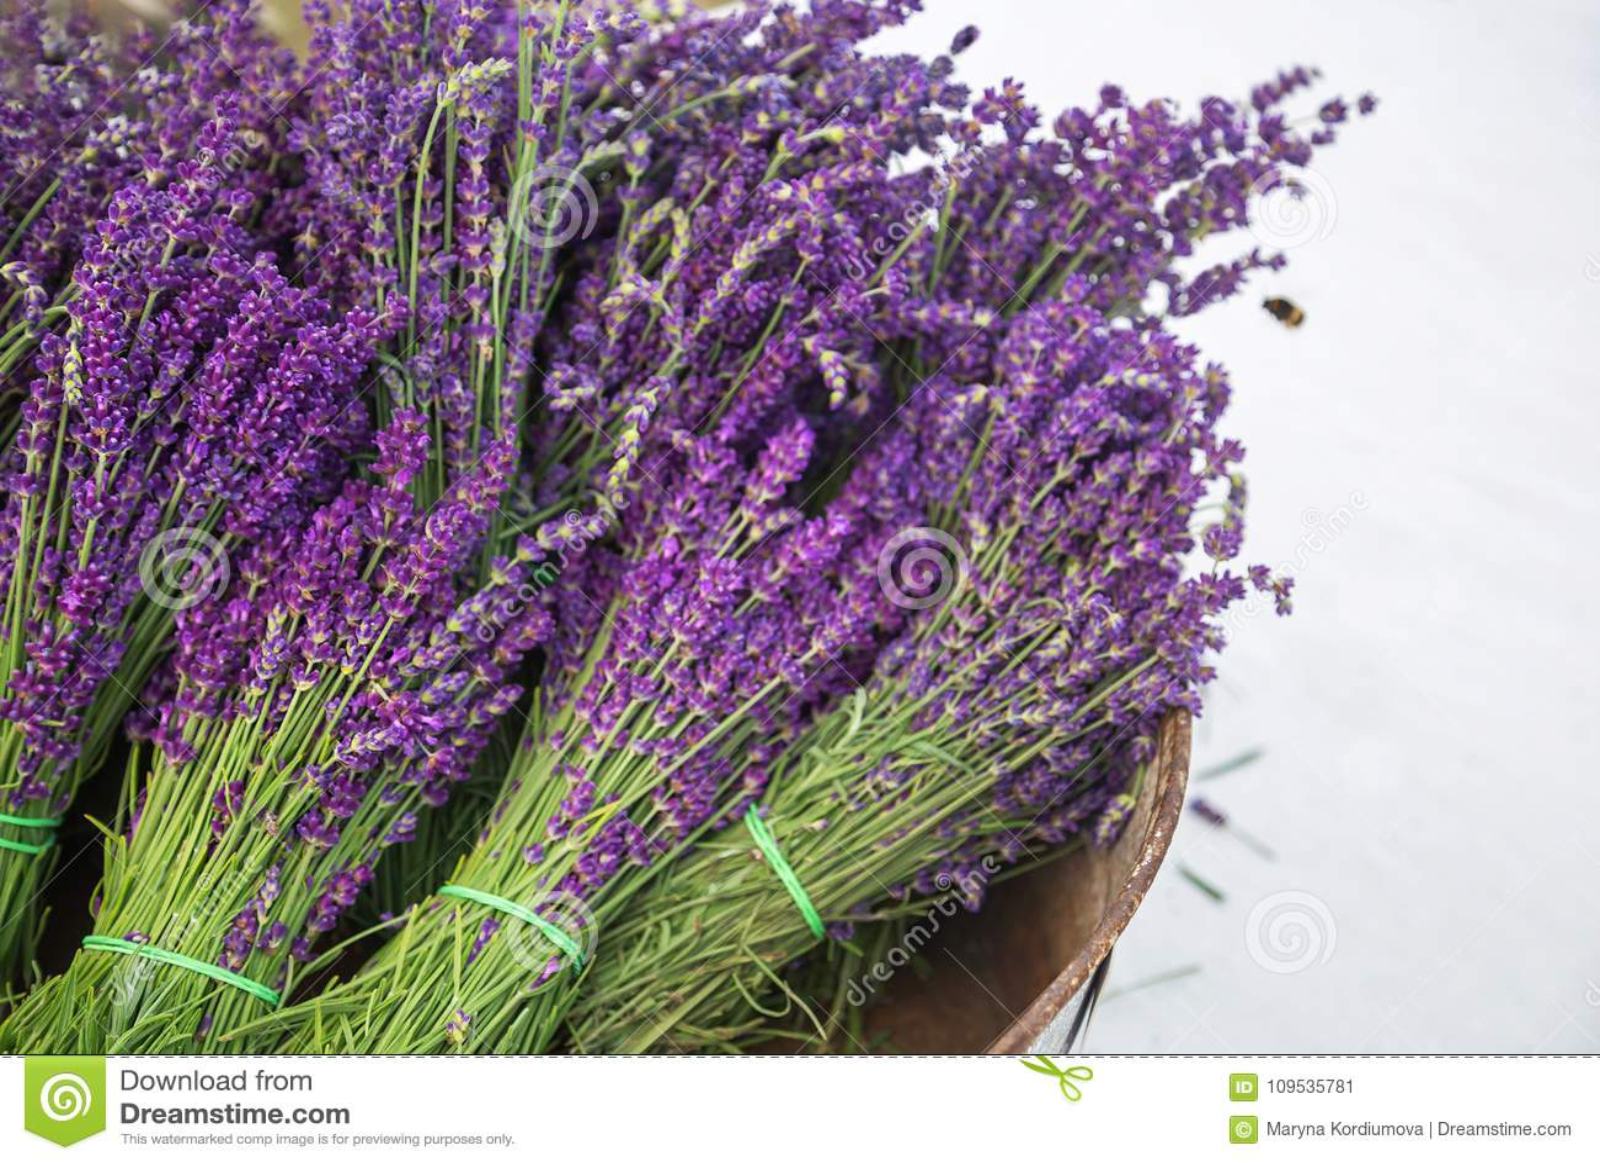 Ramos de la lavanda en cesta y abeja El vintage de la lavanda con lavanda púrpura fresca, hermosa florece los flores